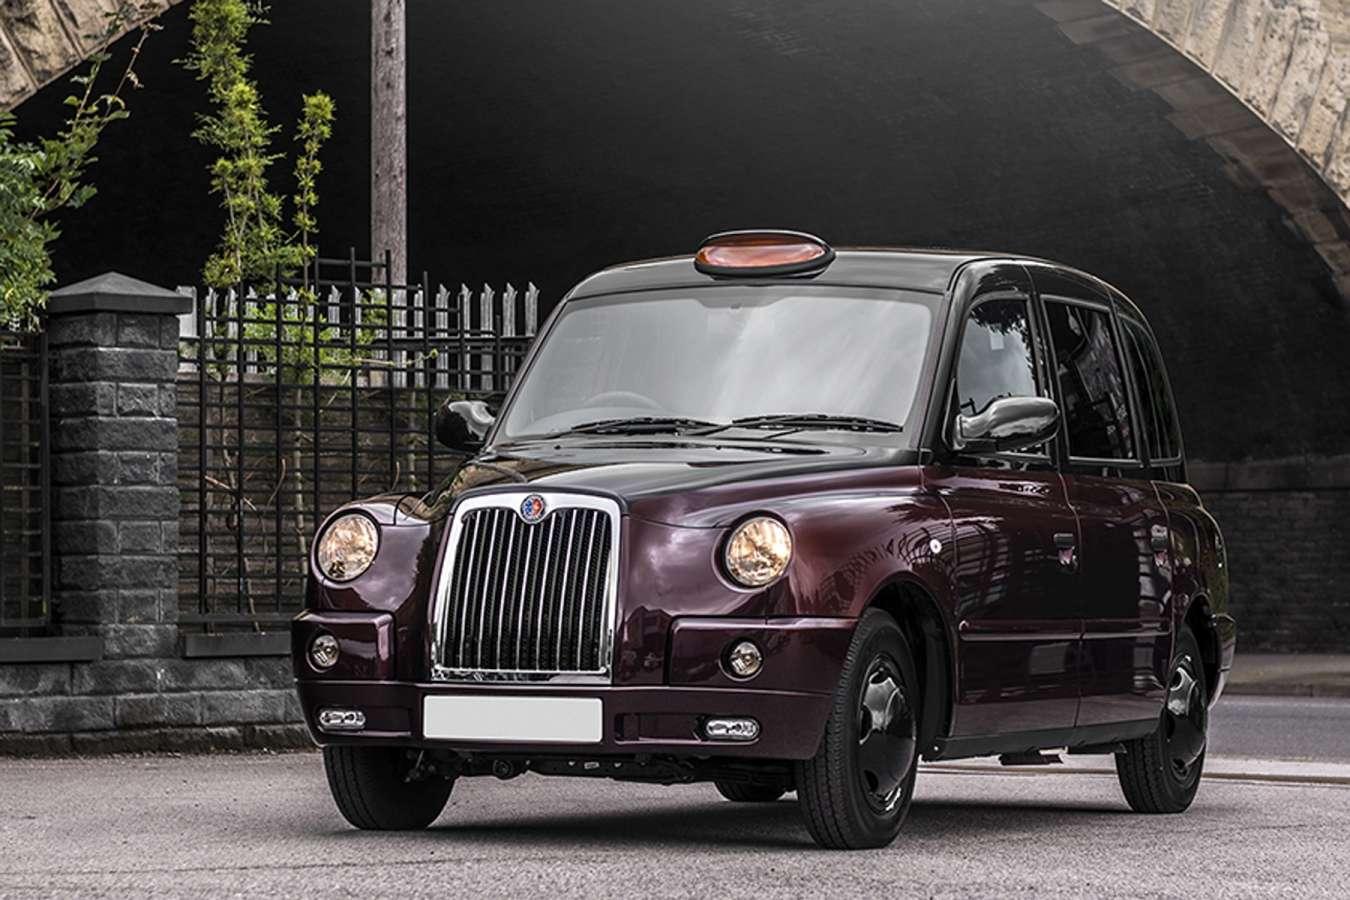 Un taxi a Londres modifié façon Rolls Royce au royaume uni1 - Un taxi a Londres modifié façon Rolls-Royce au royaume uni!